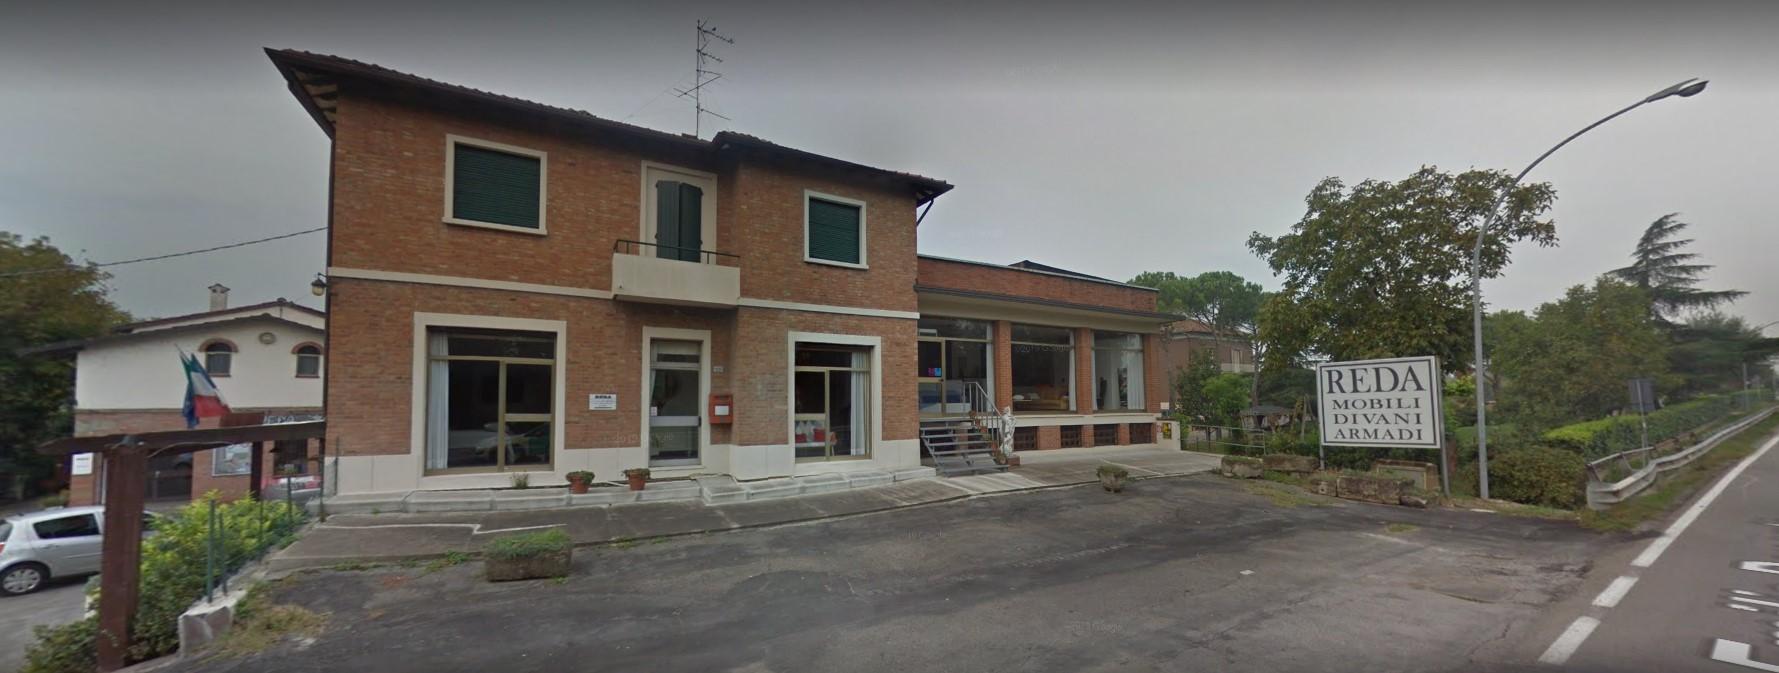 Punto vendita Scandola a Gallo Bolognese